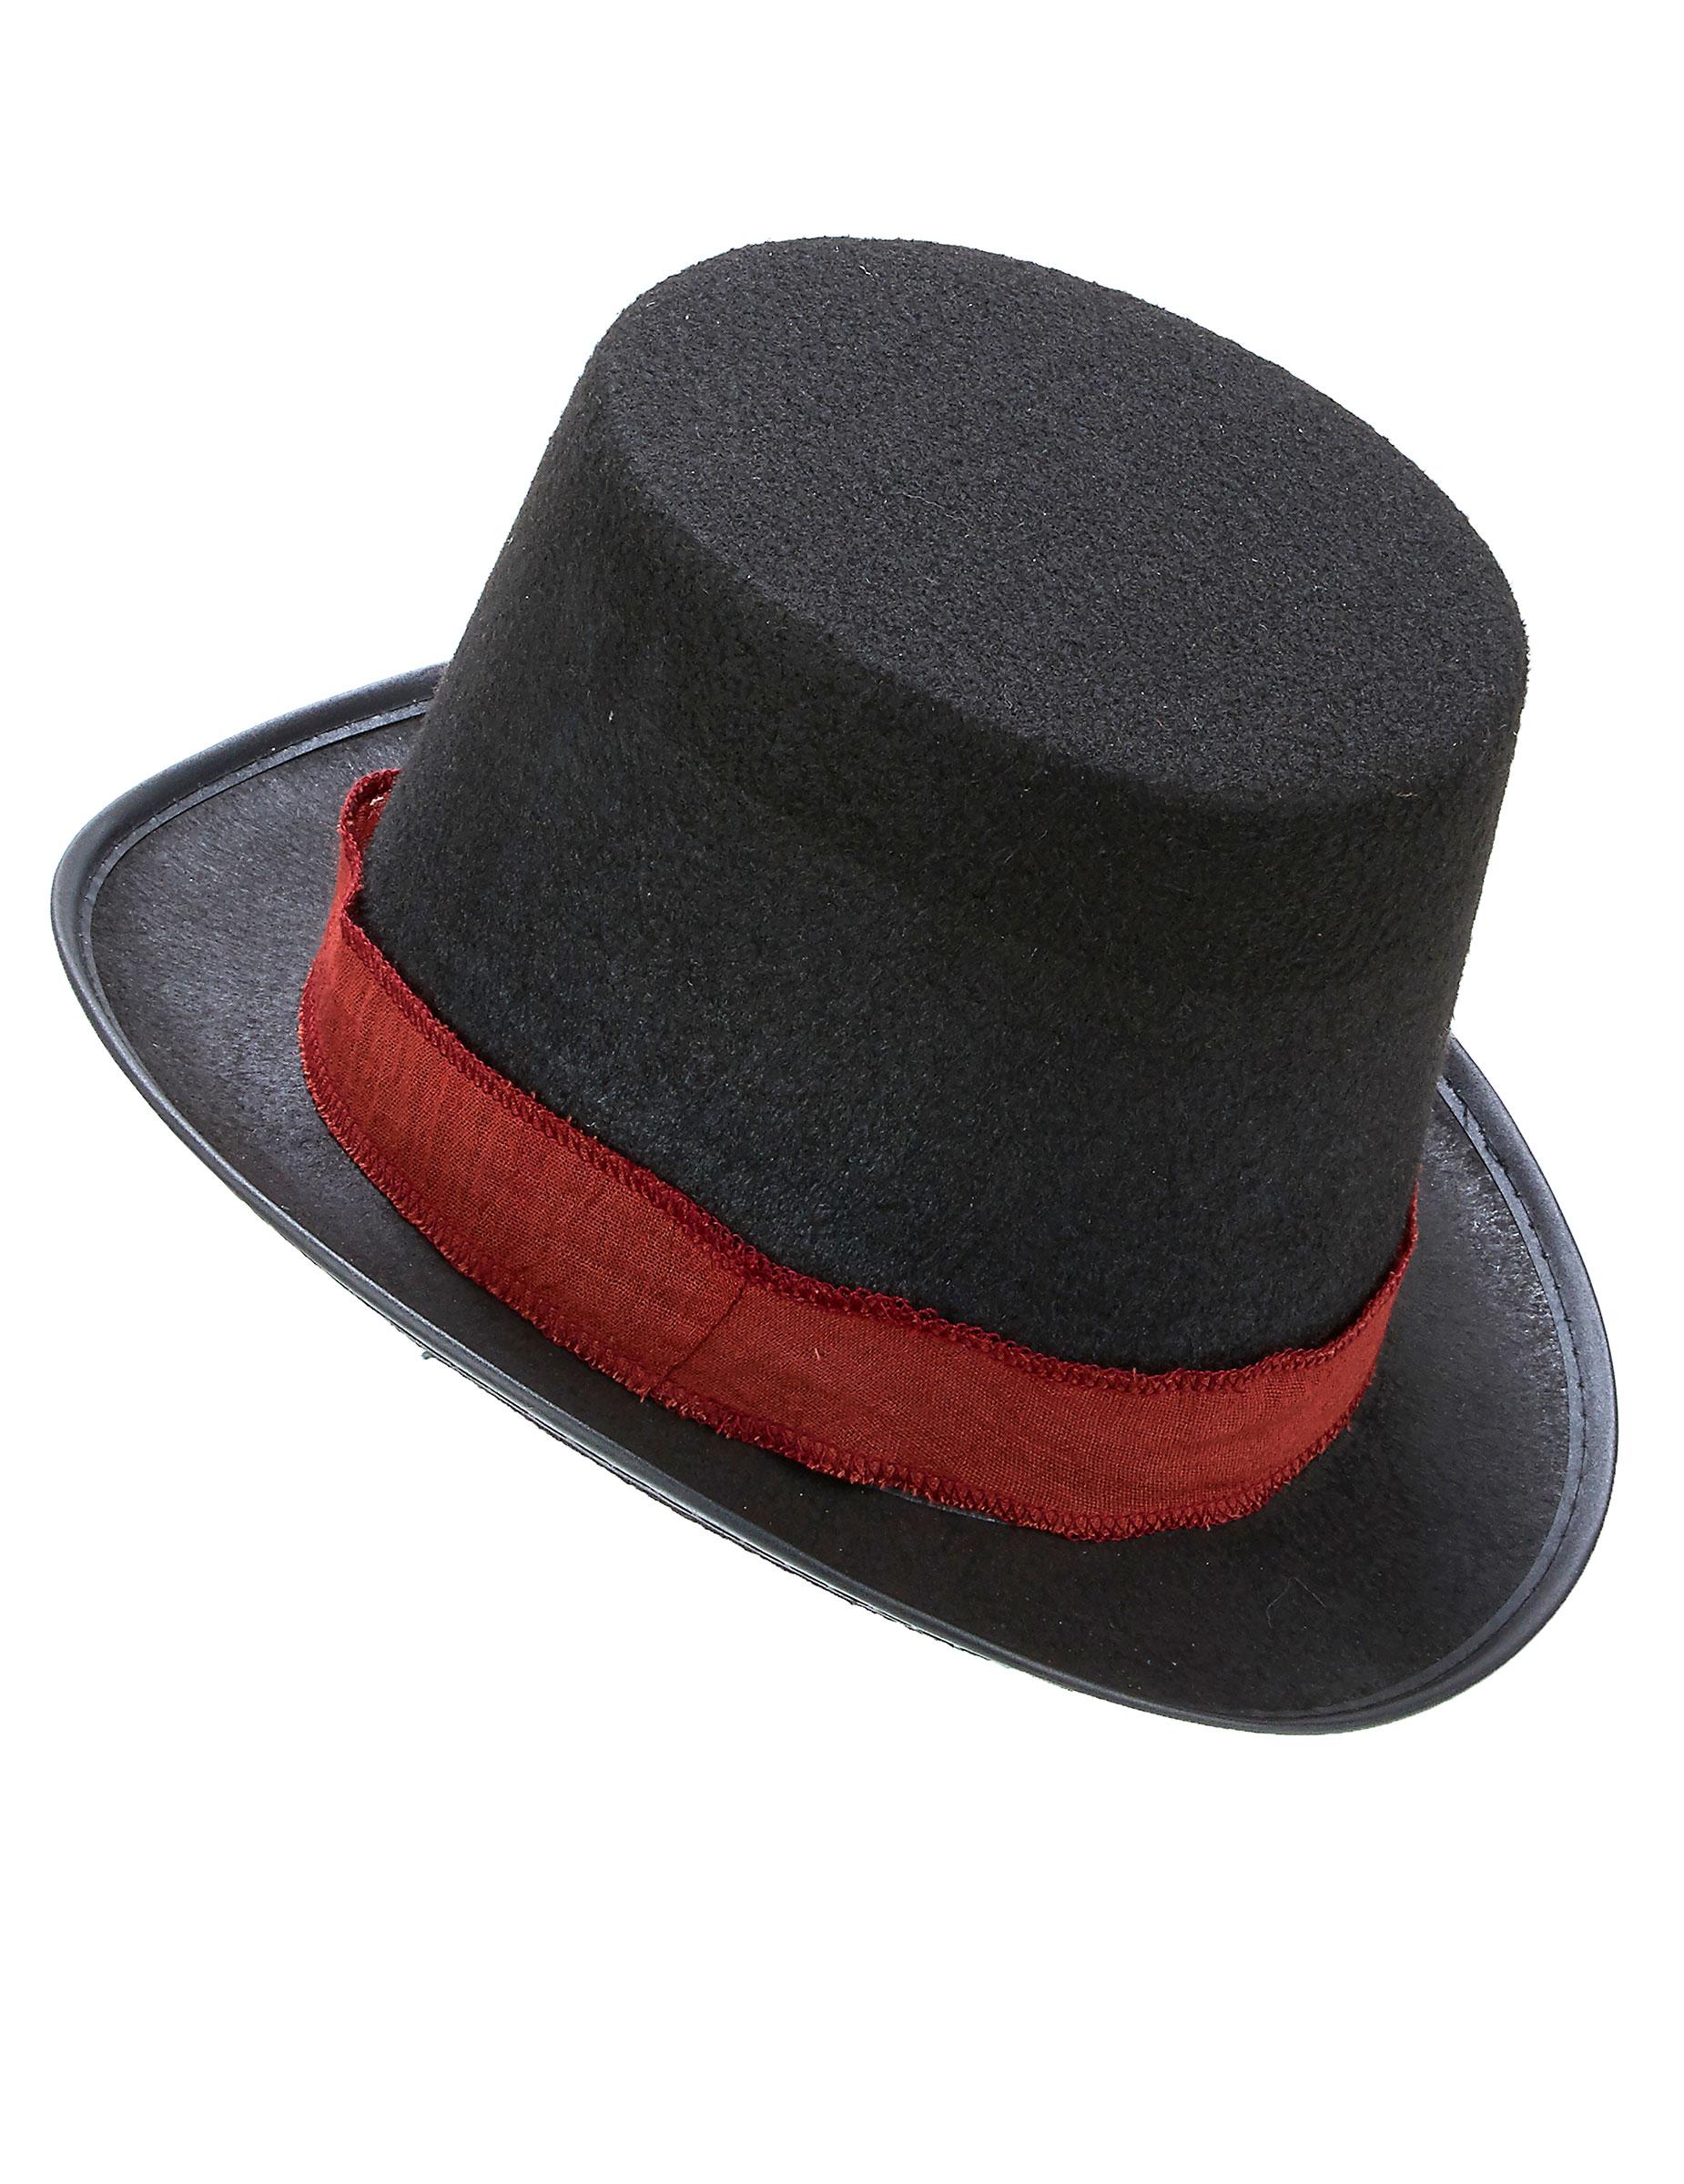 9bf4fdb52943c Venta online de sombreros chic para tus fiestas de disfraces - Vegaoo.es